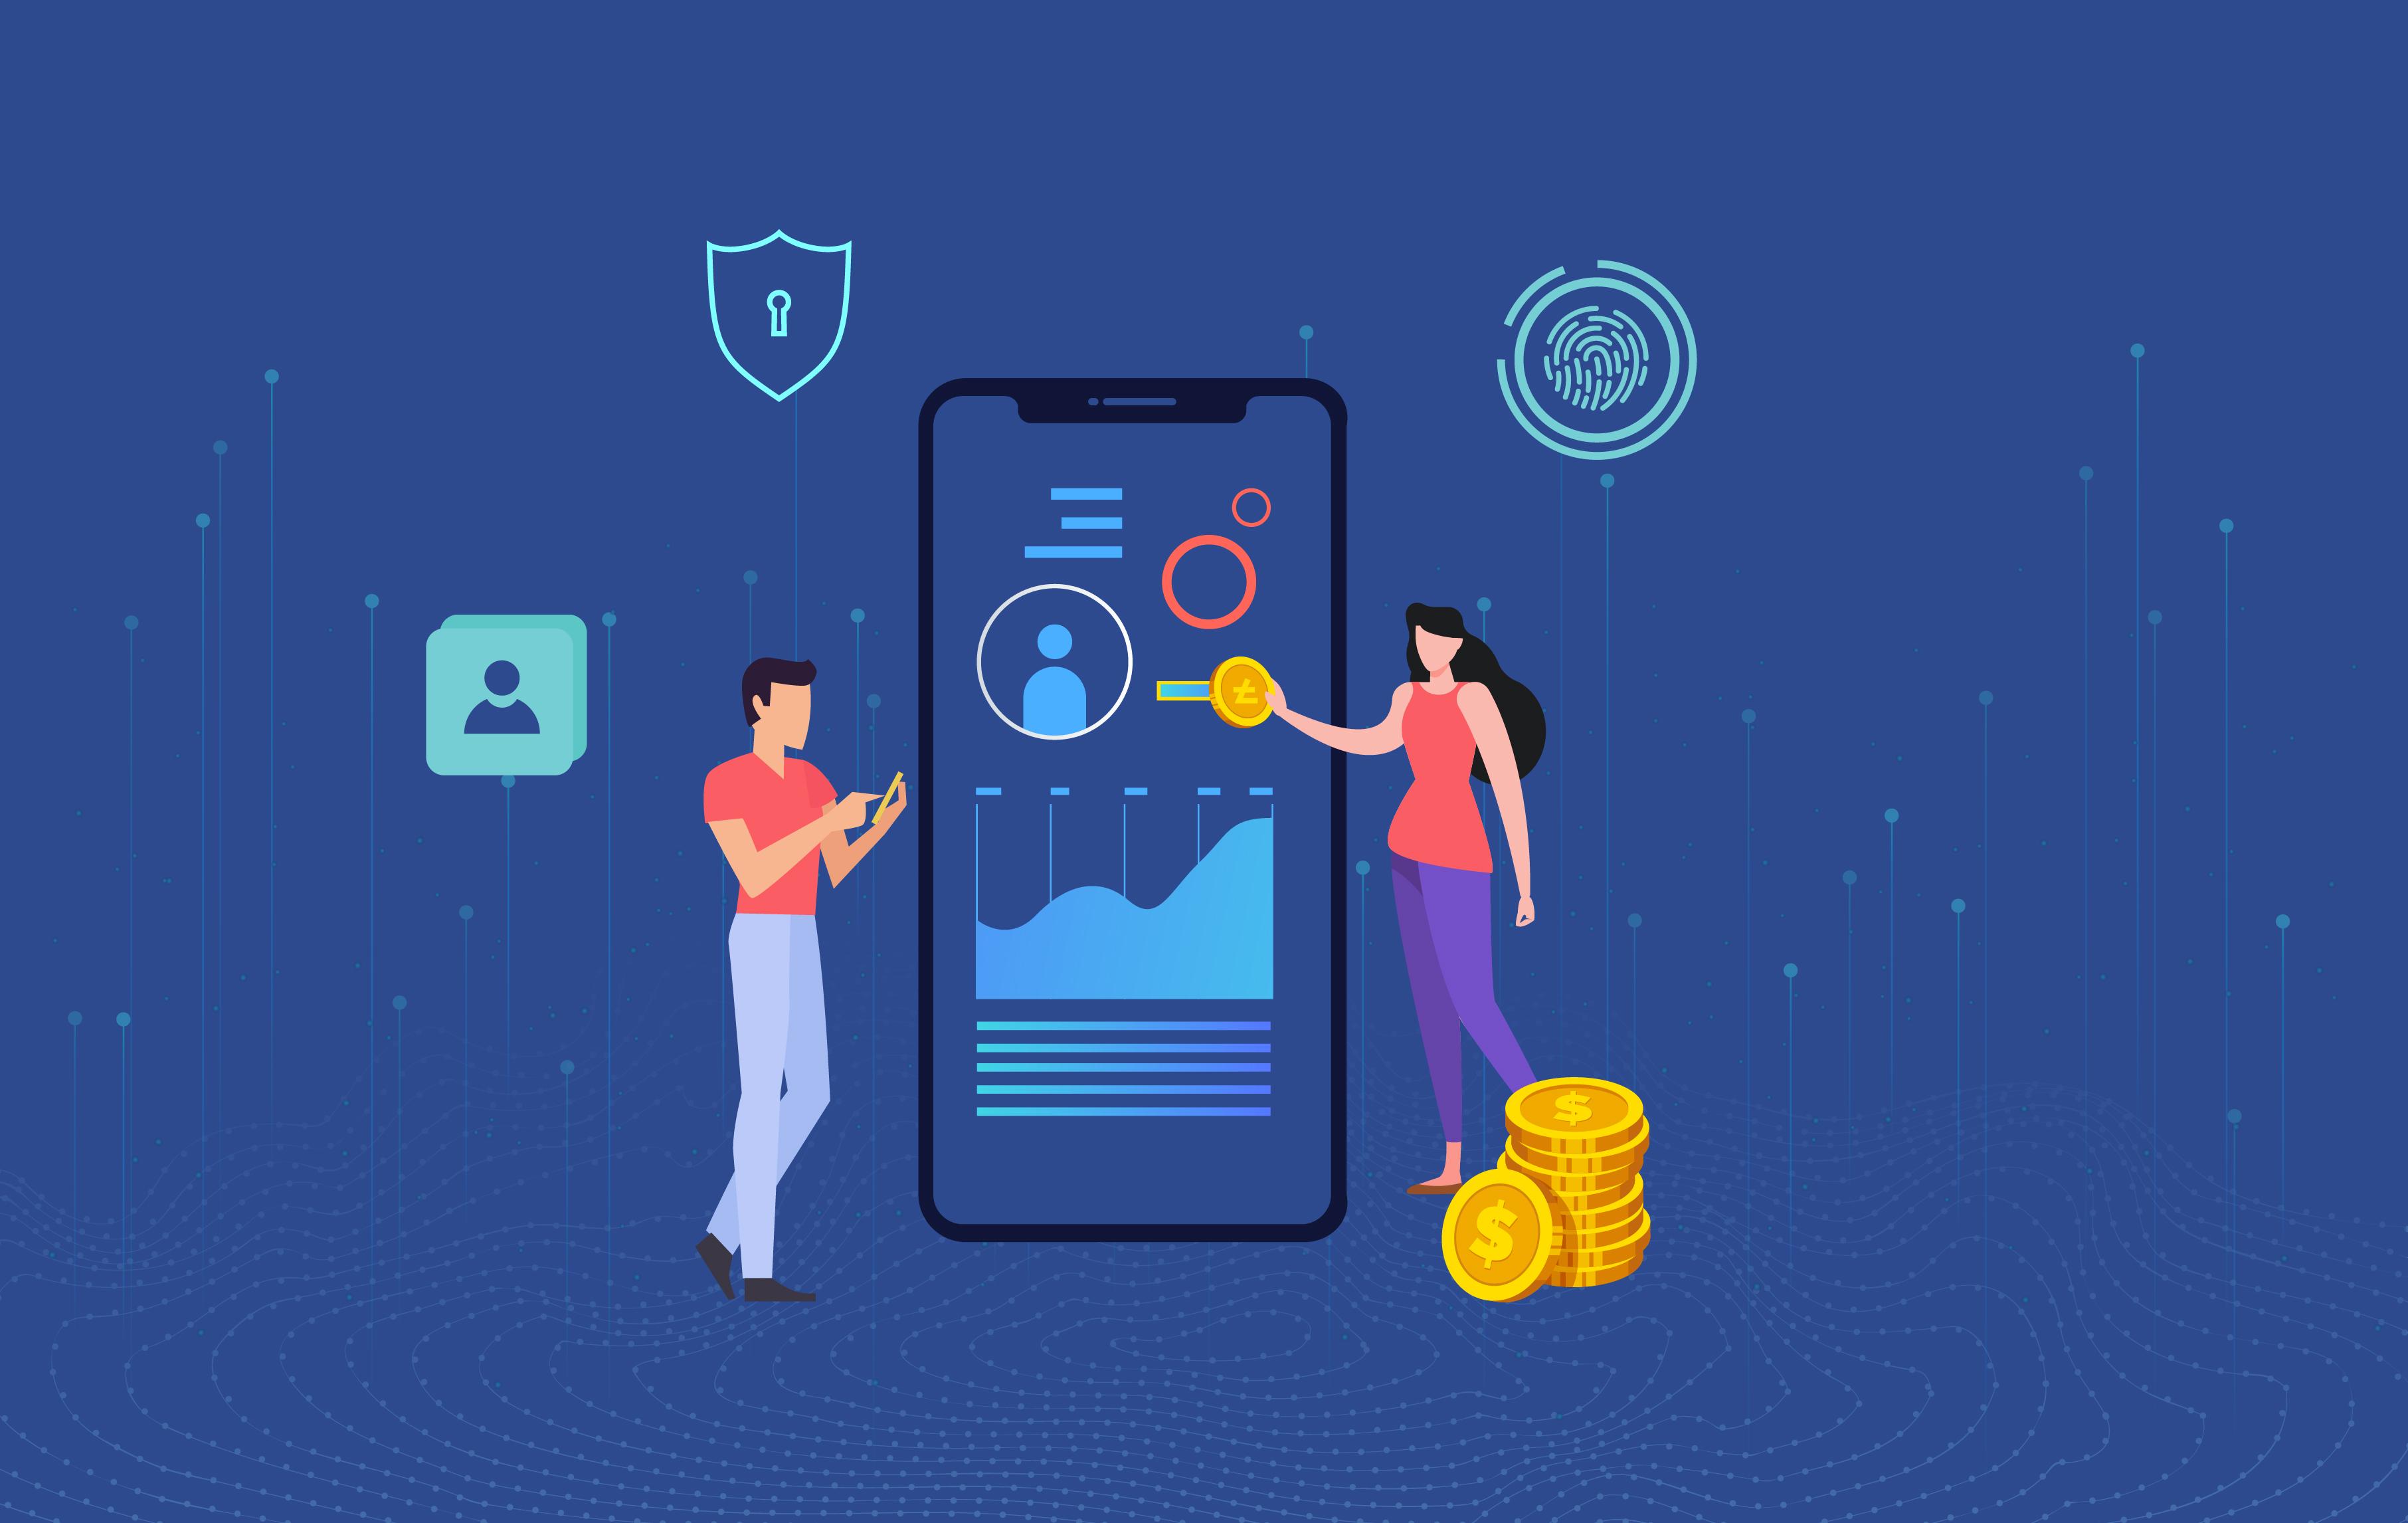 La tecnologia blockchain ha un impatto su Fintech.